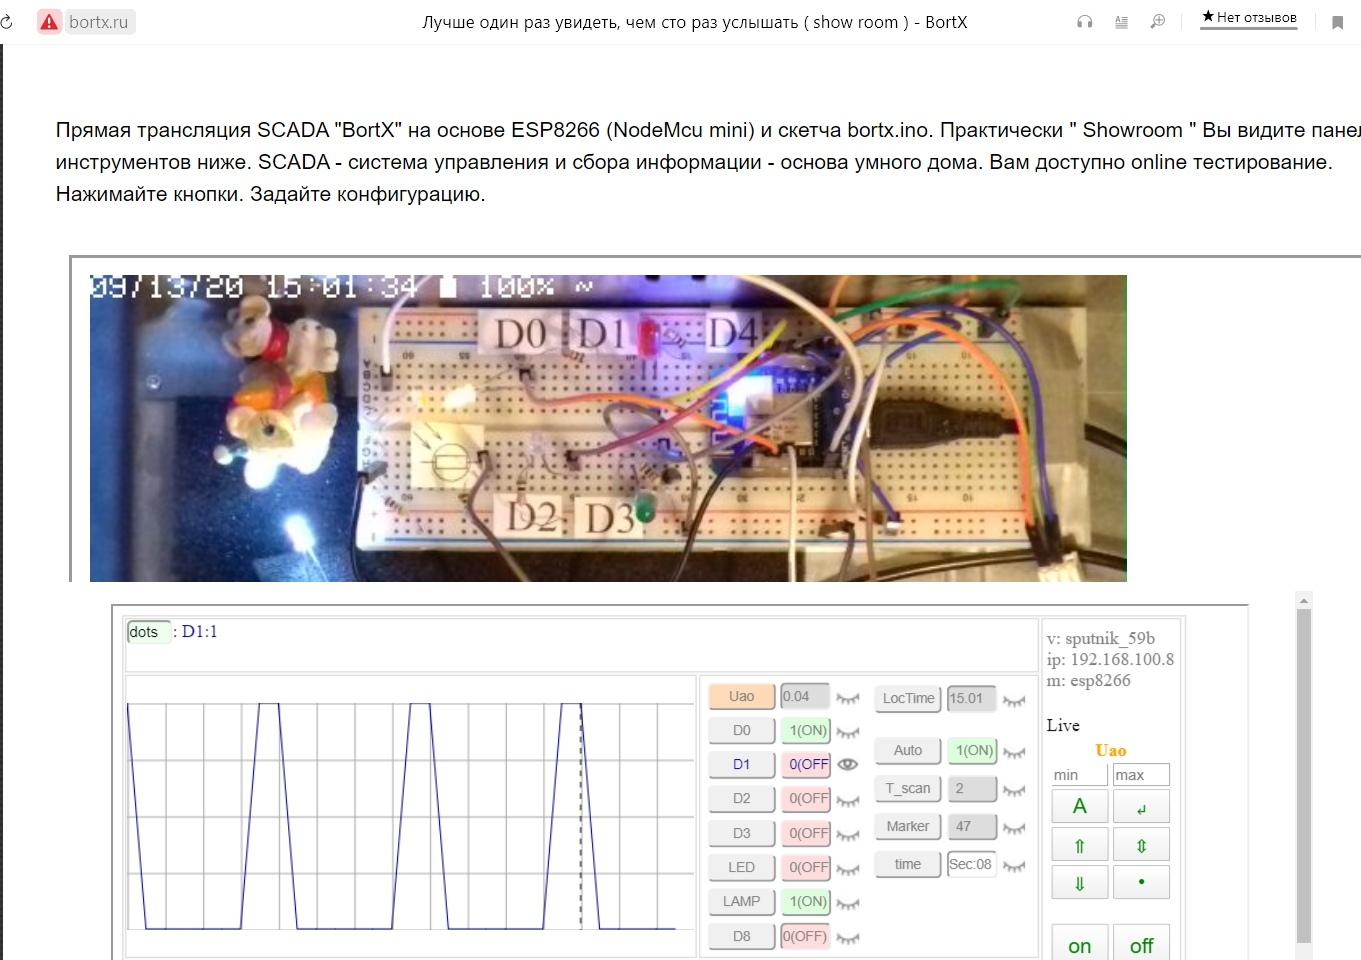 SCADA BortX с поддержкой языка управления в рамках ANSI ISA-88 для ESP8266